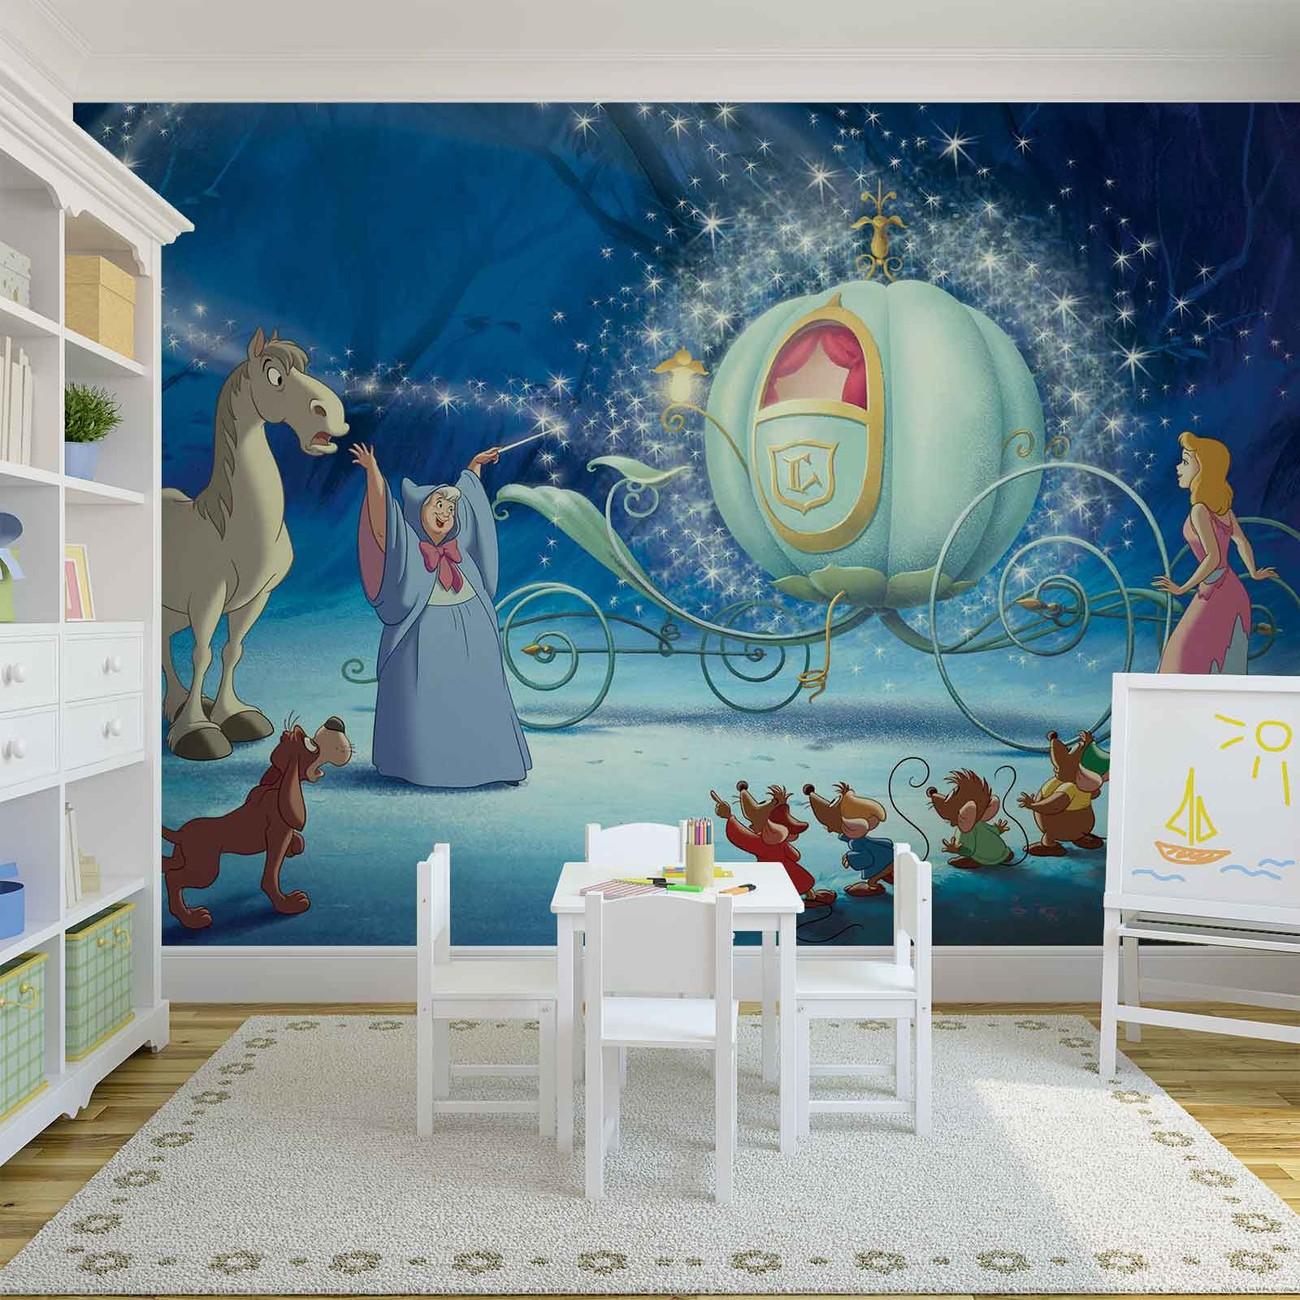 Disney princesses cinderella wall paper mural buy at for Disney wall mural